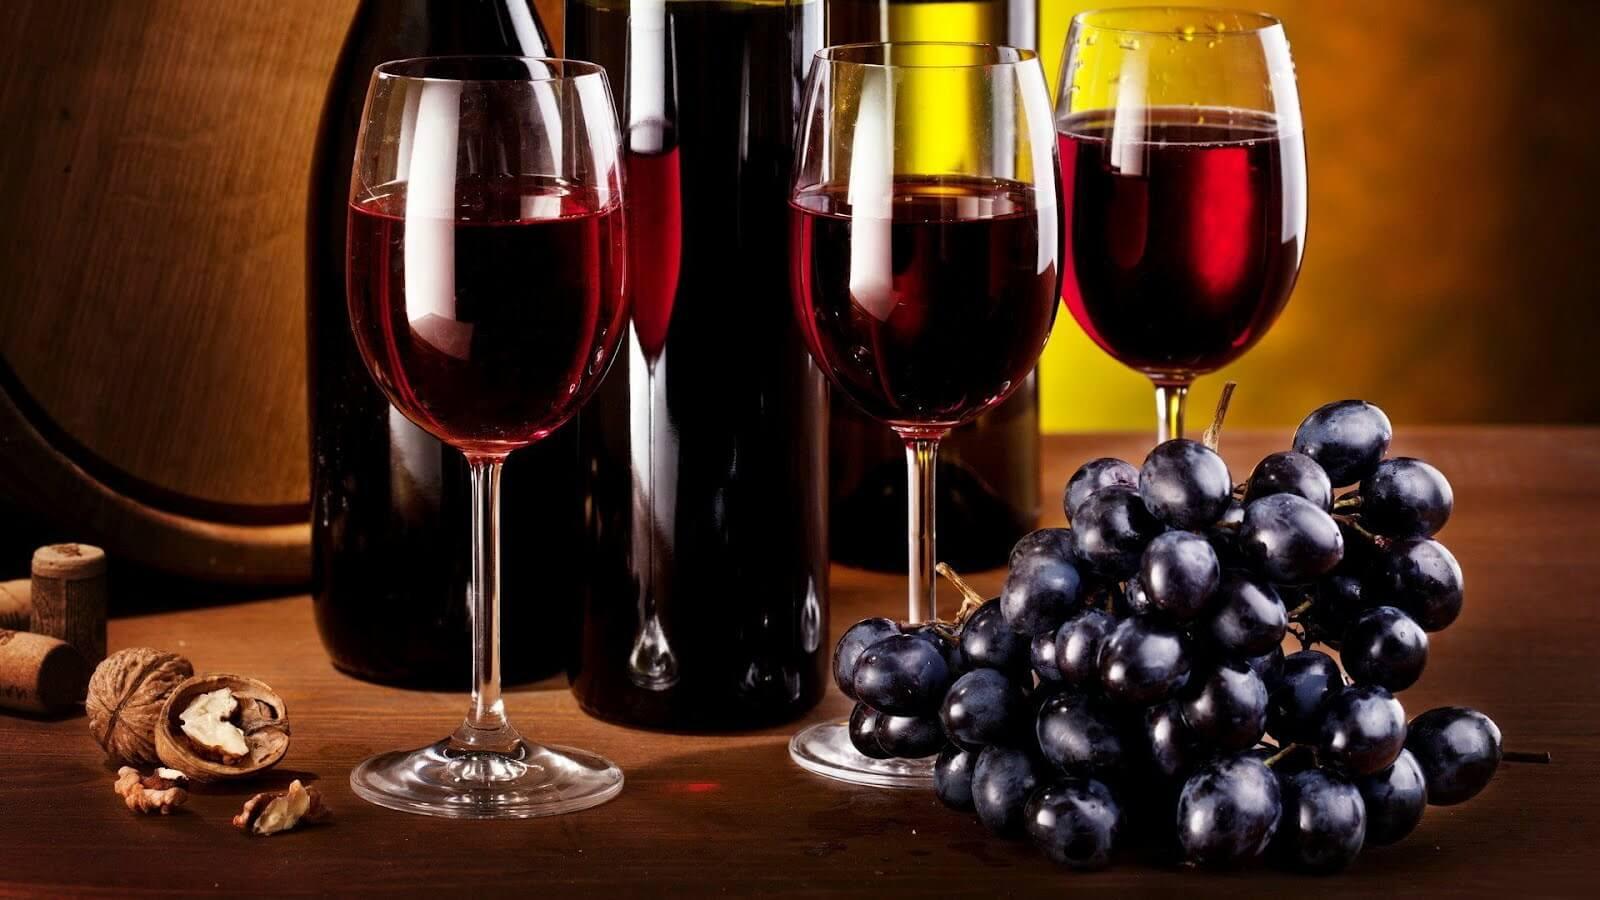 8 mitos sobre o vinho que continuamos acreditando